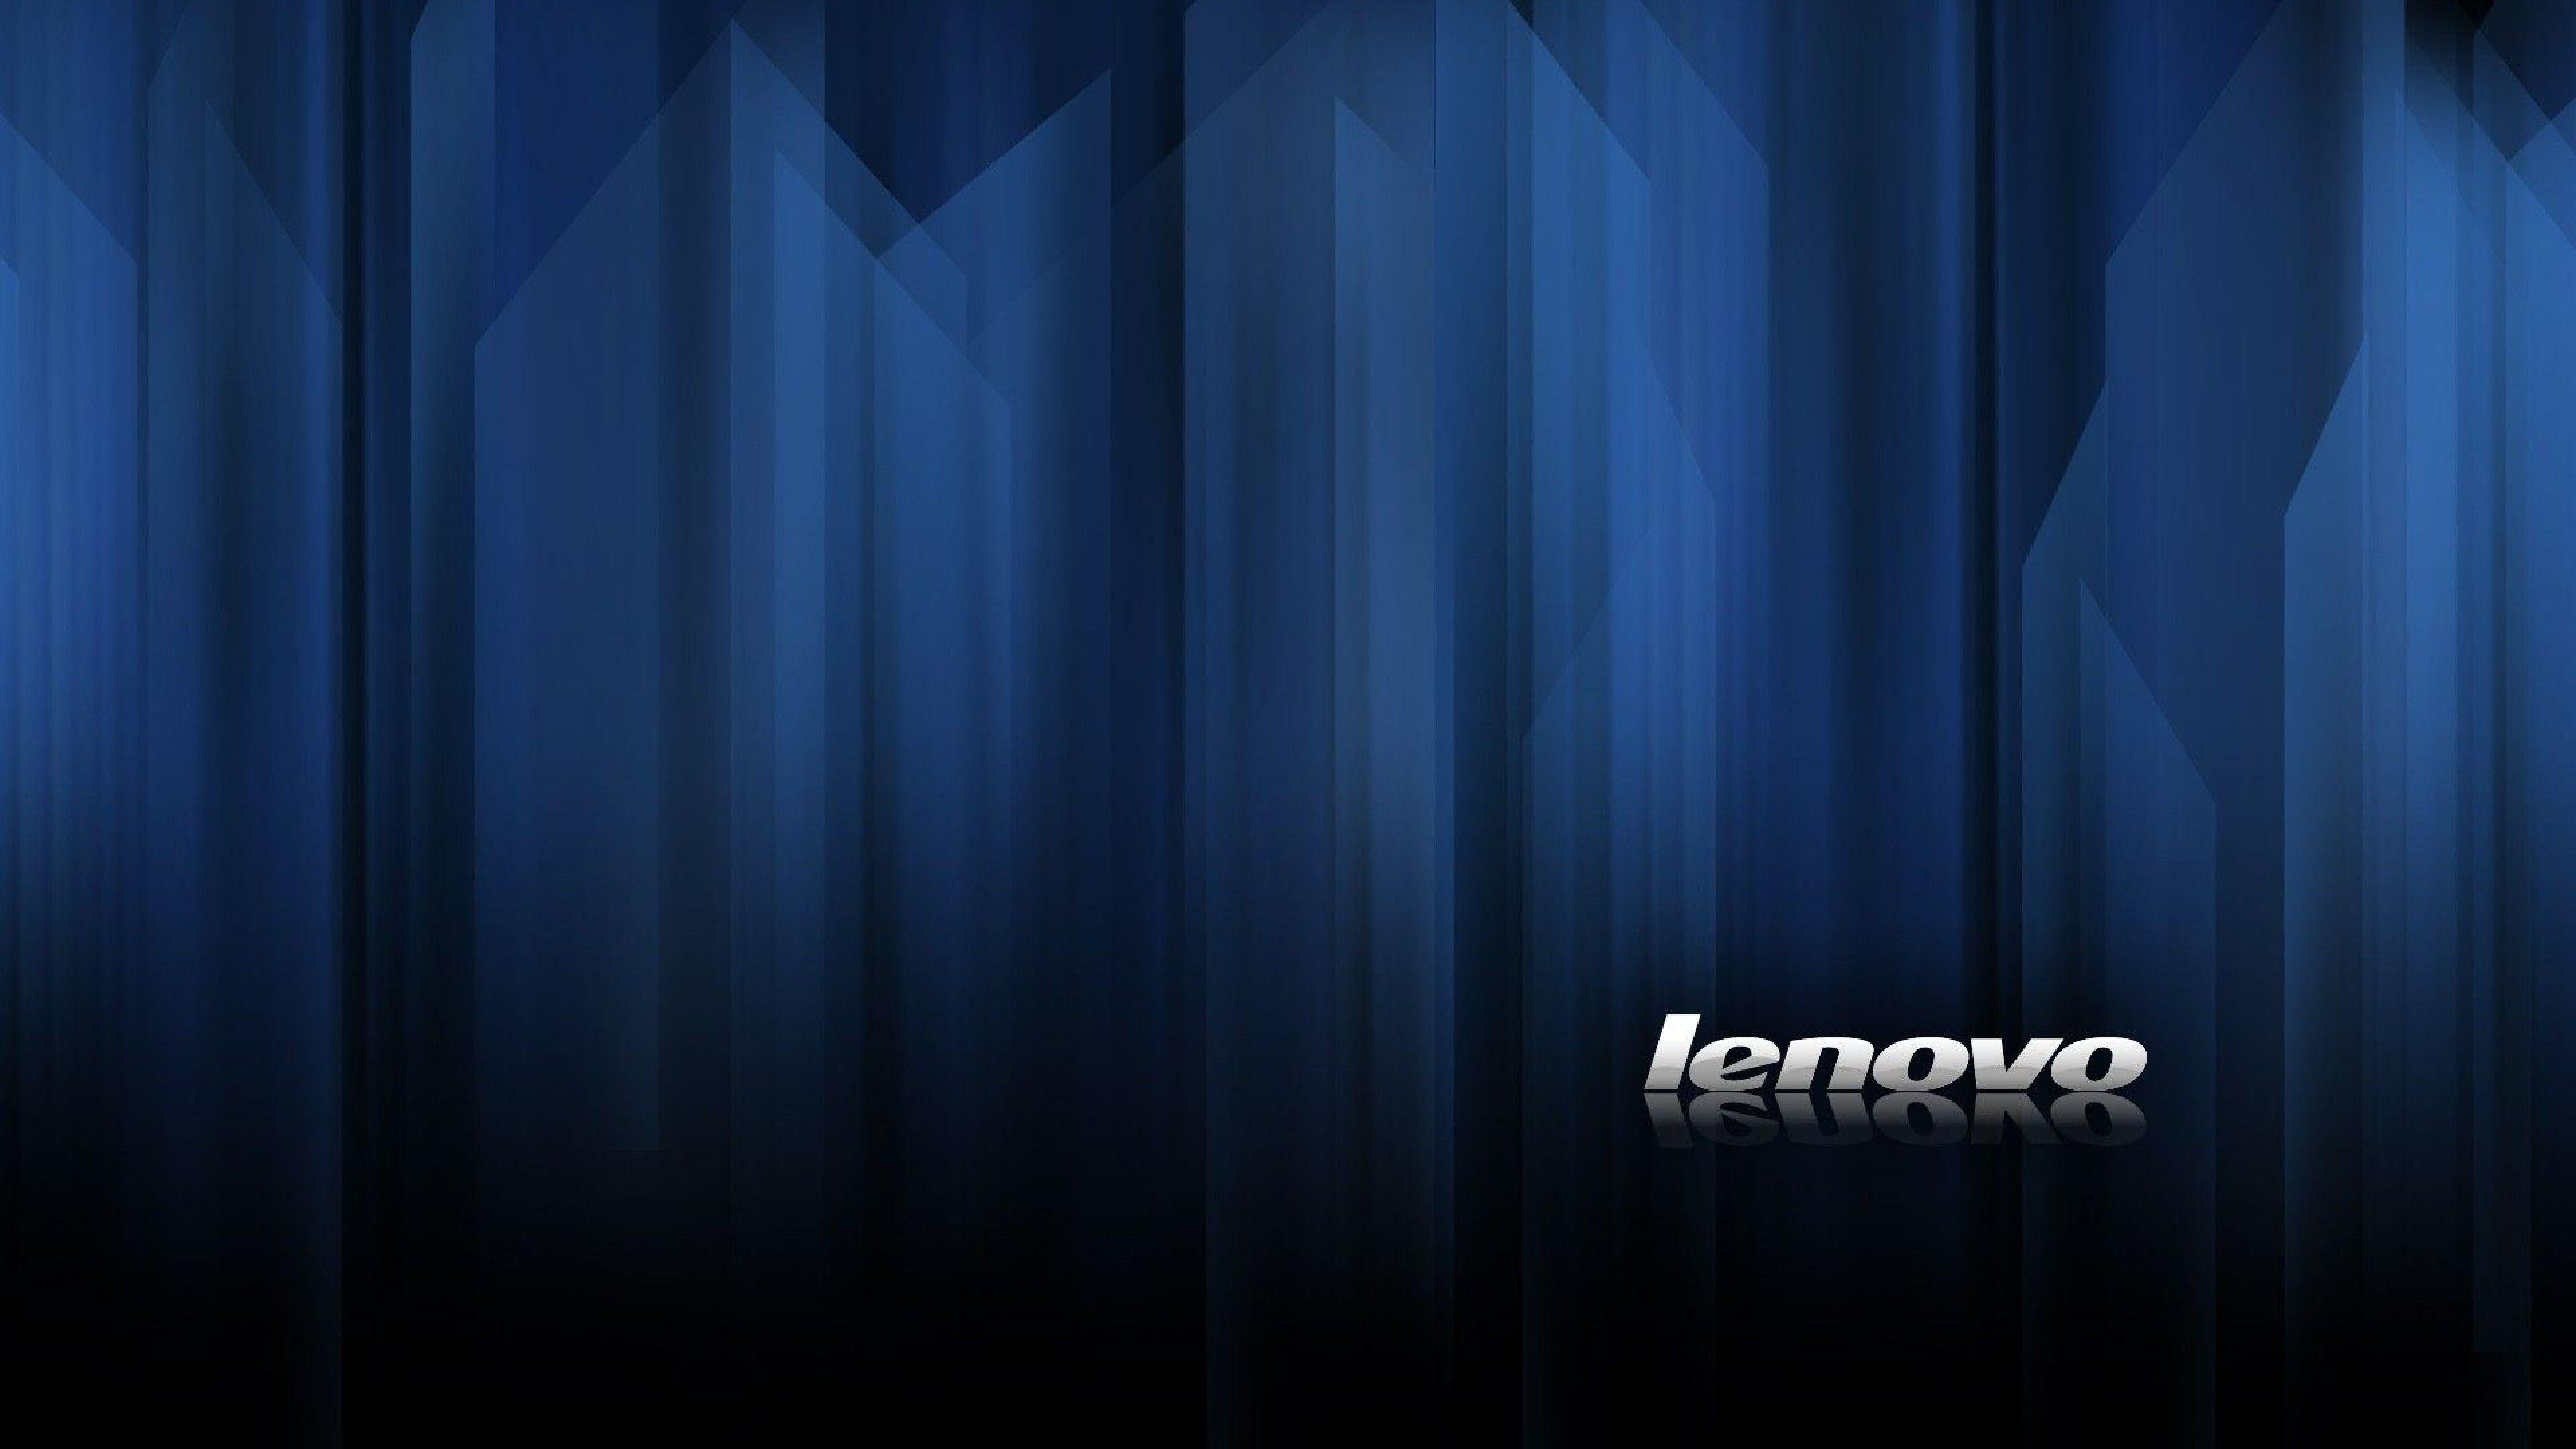 Lenovo 4K UHD Wallpapers - Top Free Lenovo 4K UHD Backgrounds